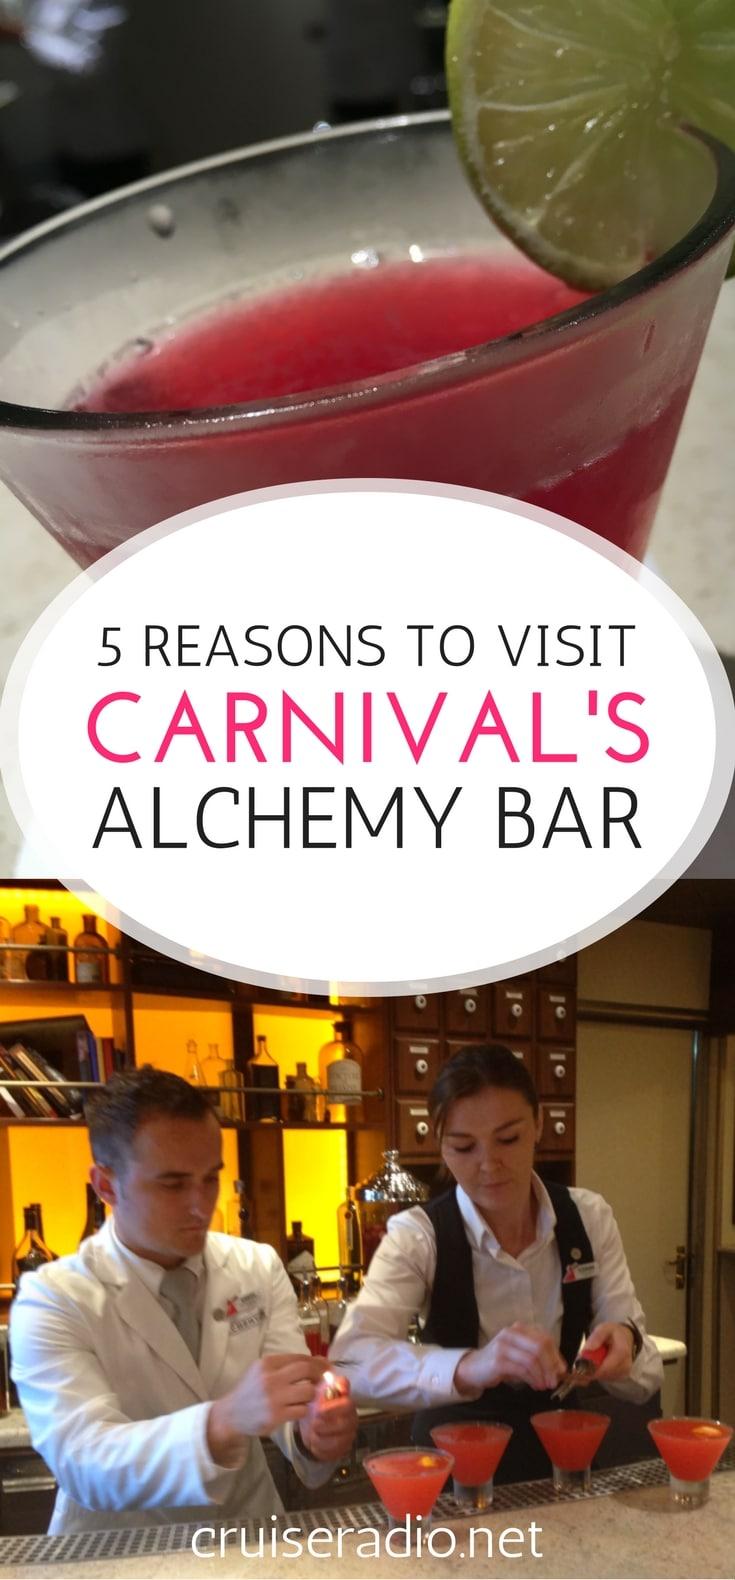 #carnival #alchemybar #bar #ship #cruise #travel #cruising #vacation #drinks